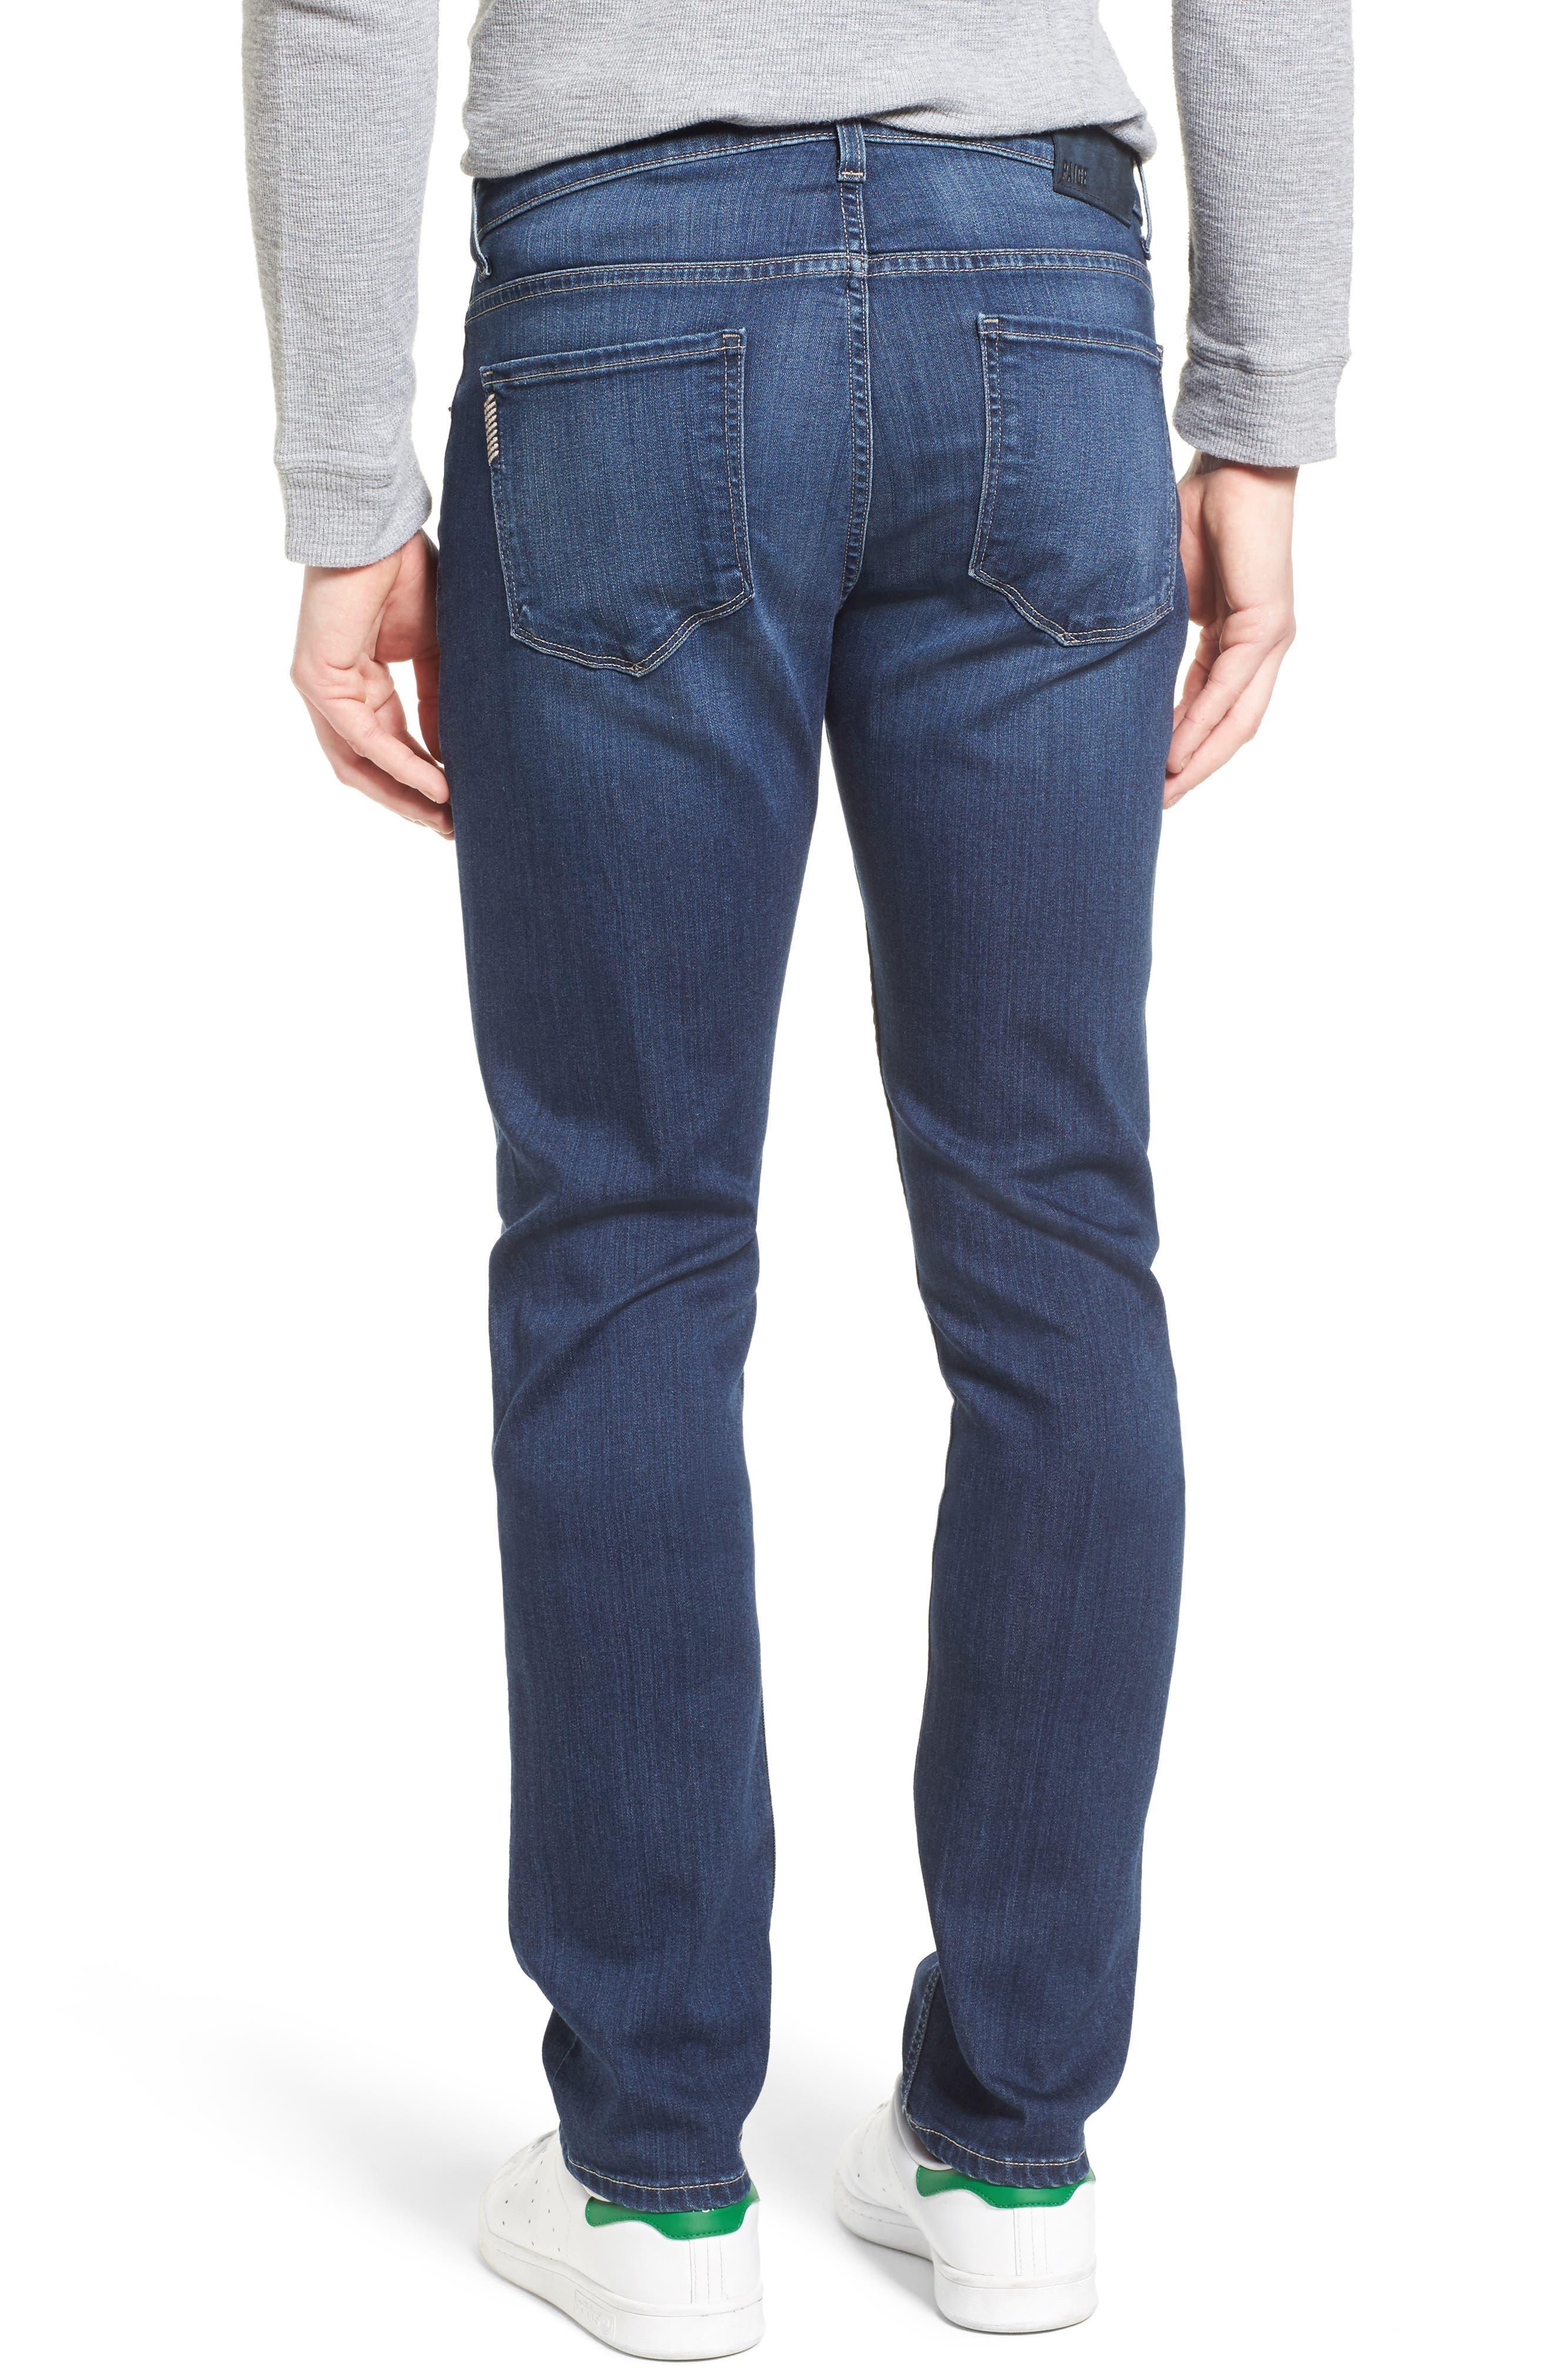 Transcend - Lennox Straight Leg Jeans,                             Alternate thumbnail 2, color,                             Leo